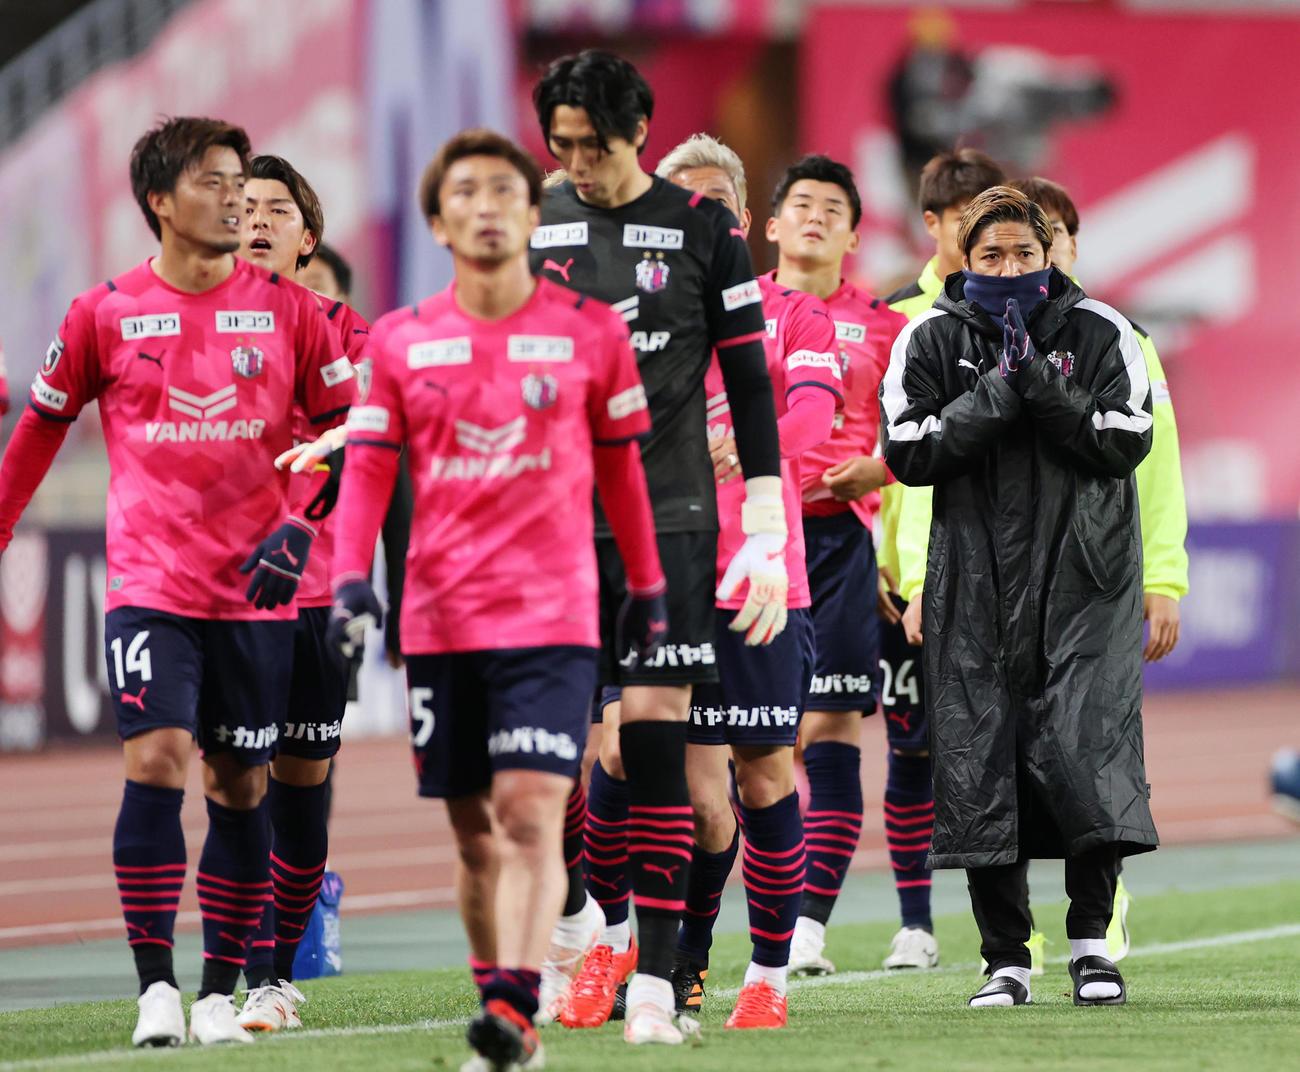 試合後のサポーターあいさつに向かうC大阪の選手たち、右は大久保嘉人